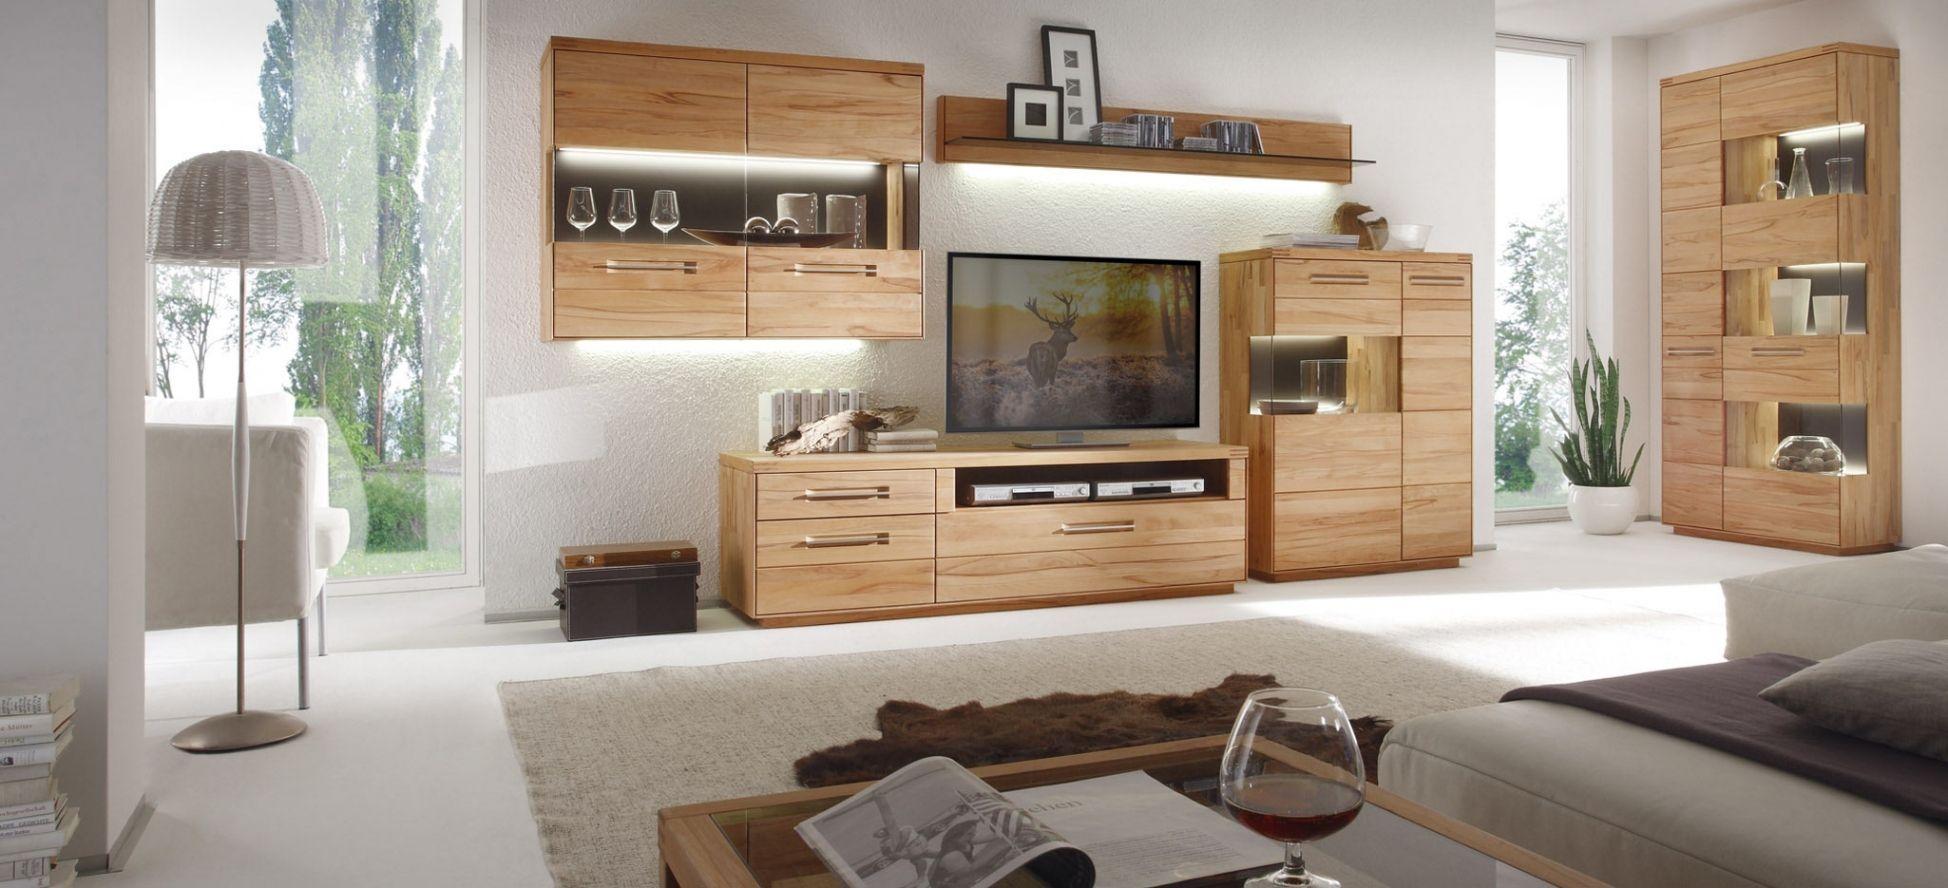 Stilvoll Massivholzmöbel Wohnzimmer